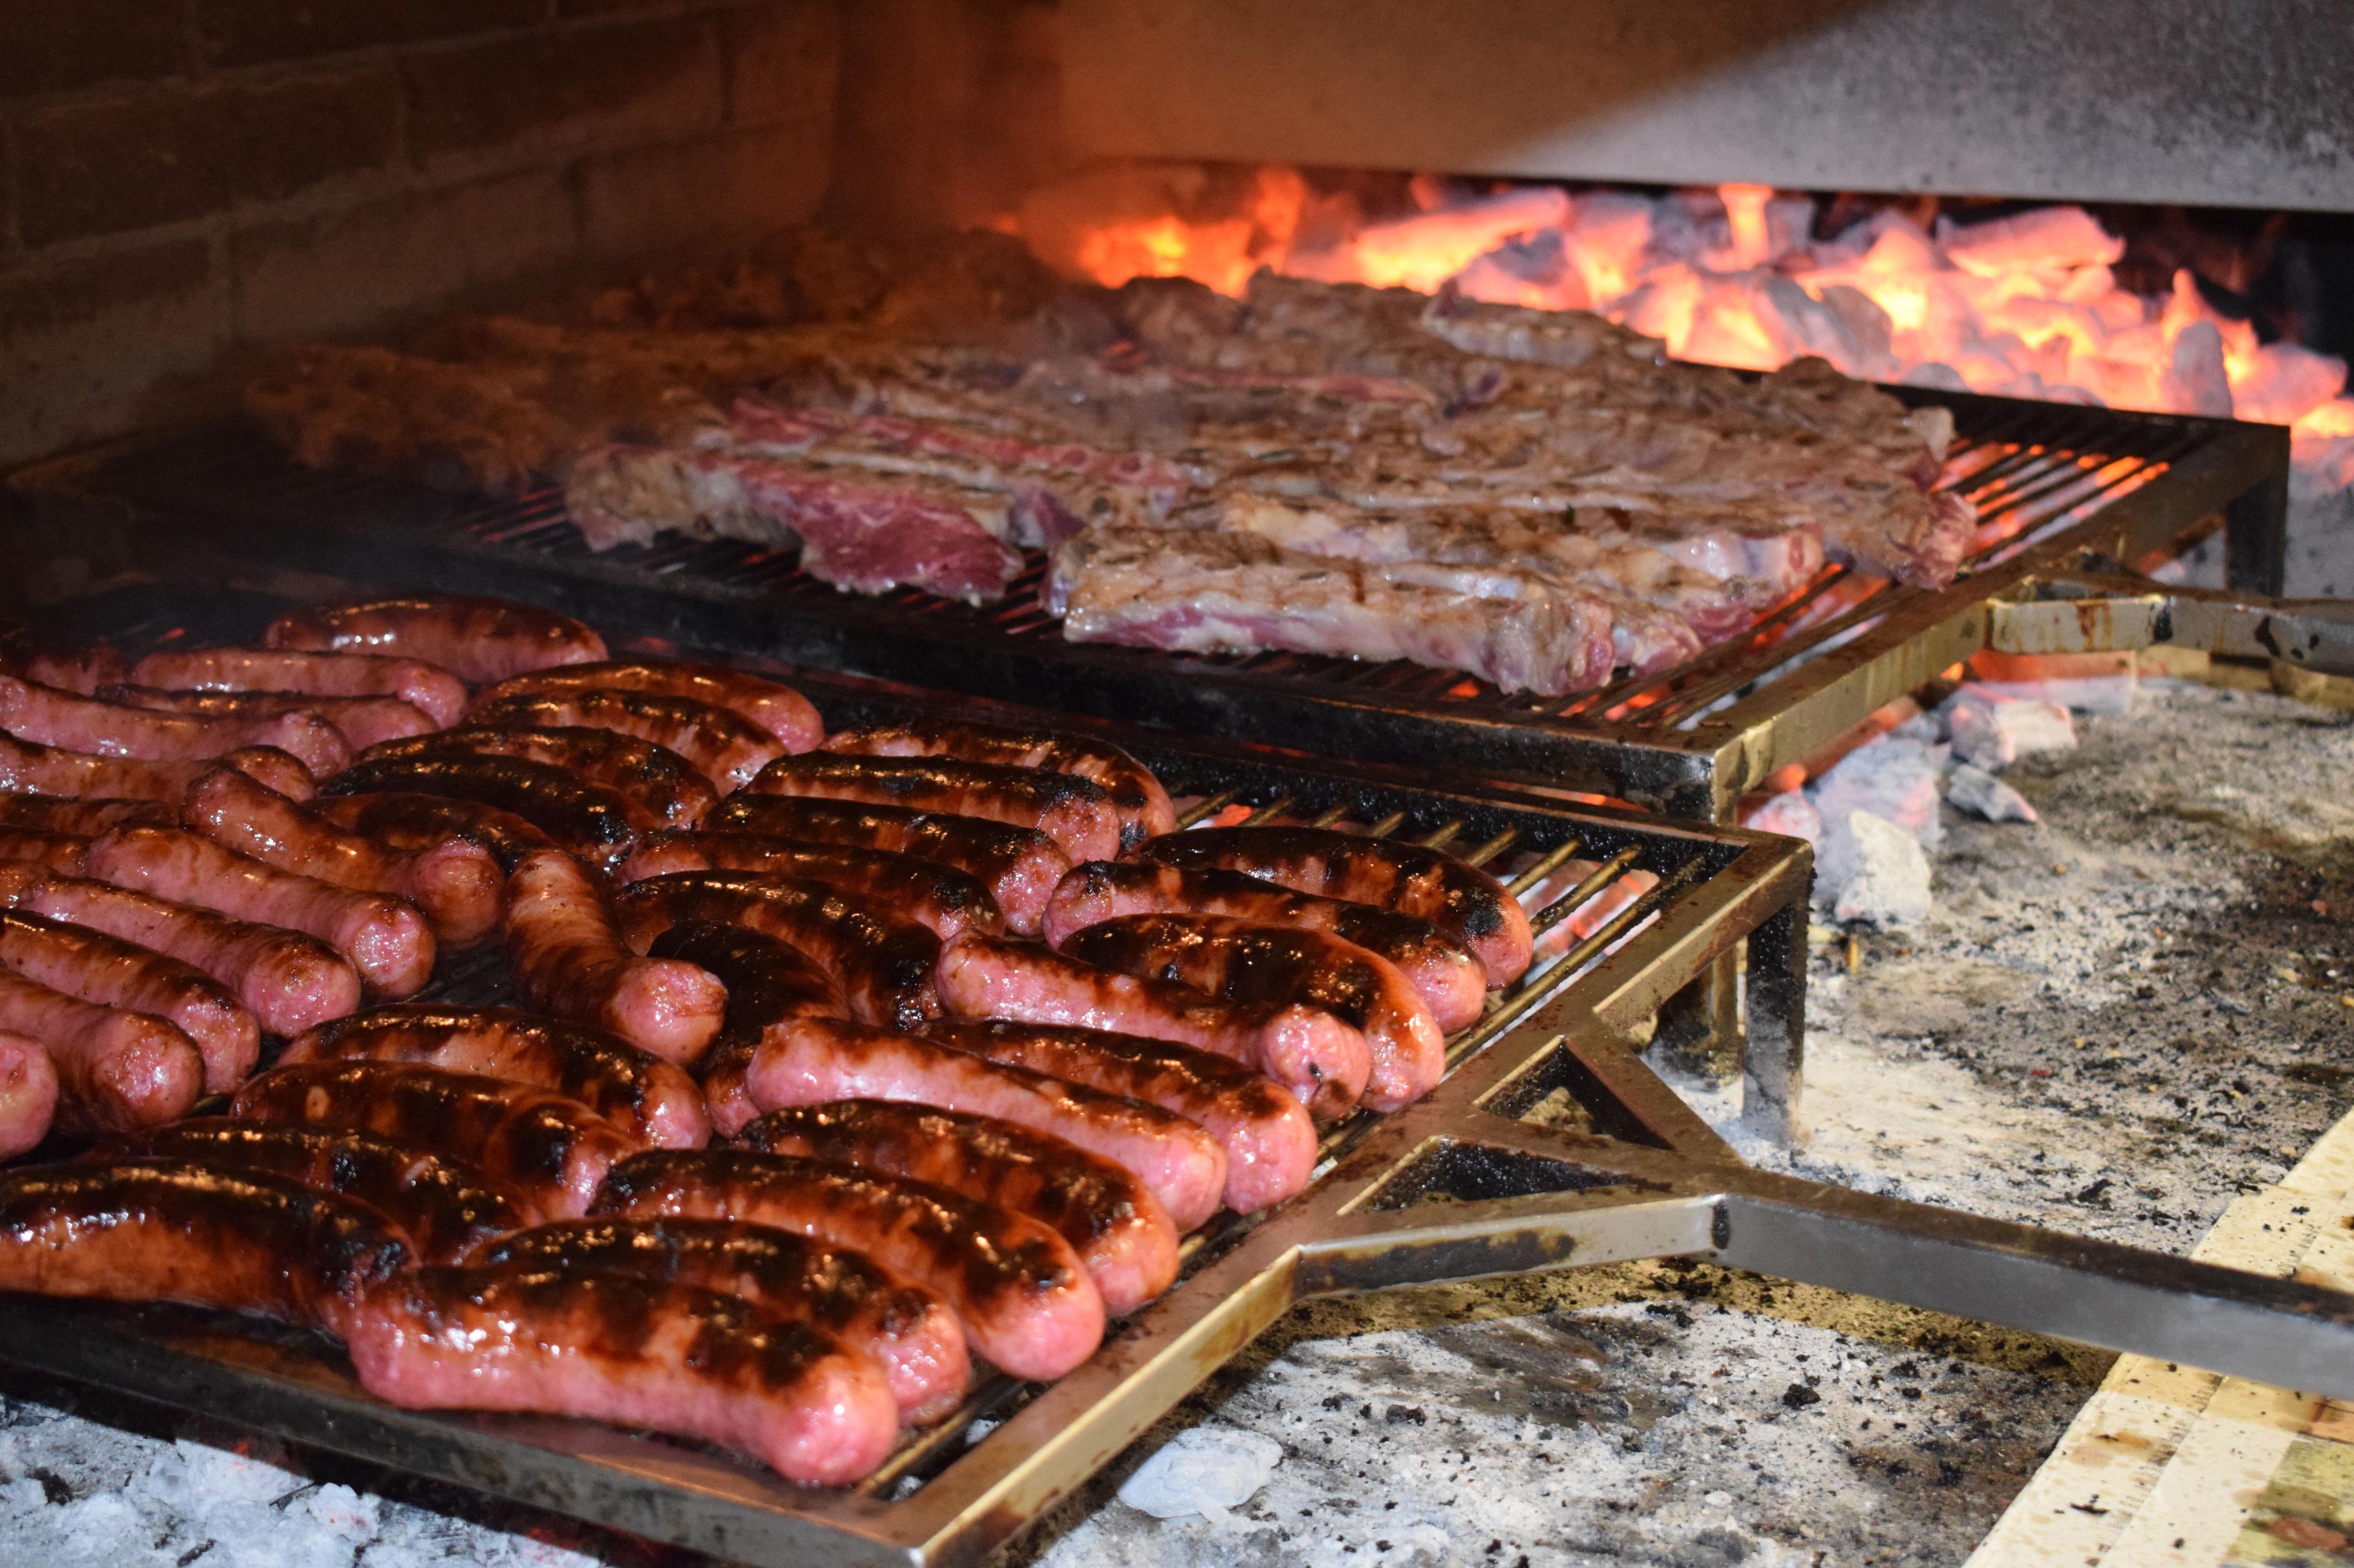 Foto 18 de Restaurante ubicado en A Coruña especialista en parrilladas en Cambre | Restaurante Parrillada El Gaucho Díaz I